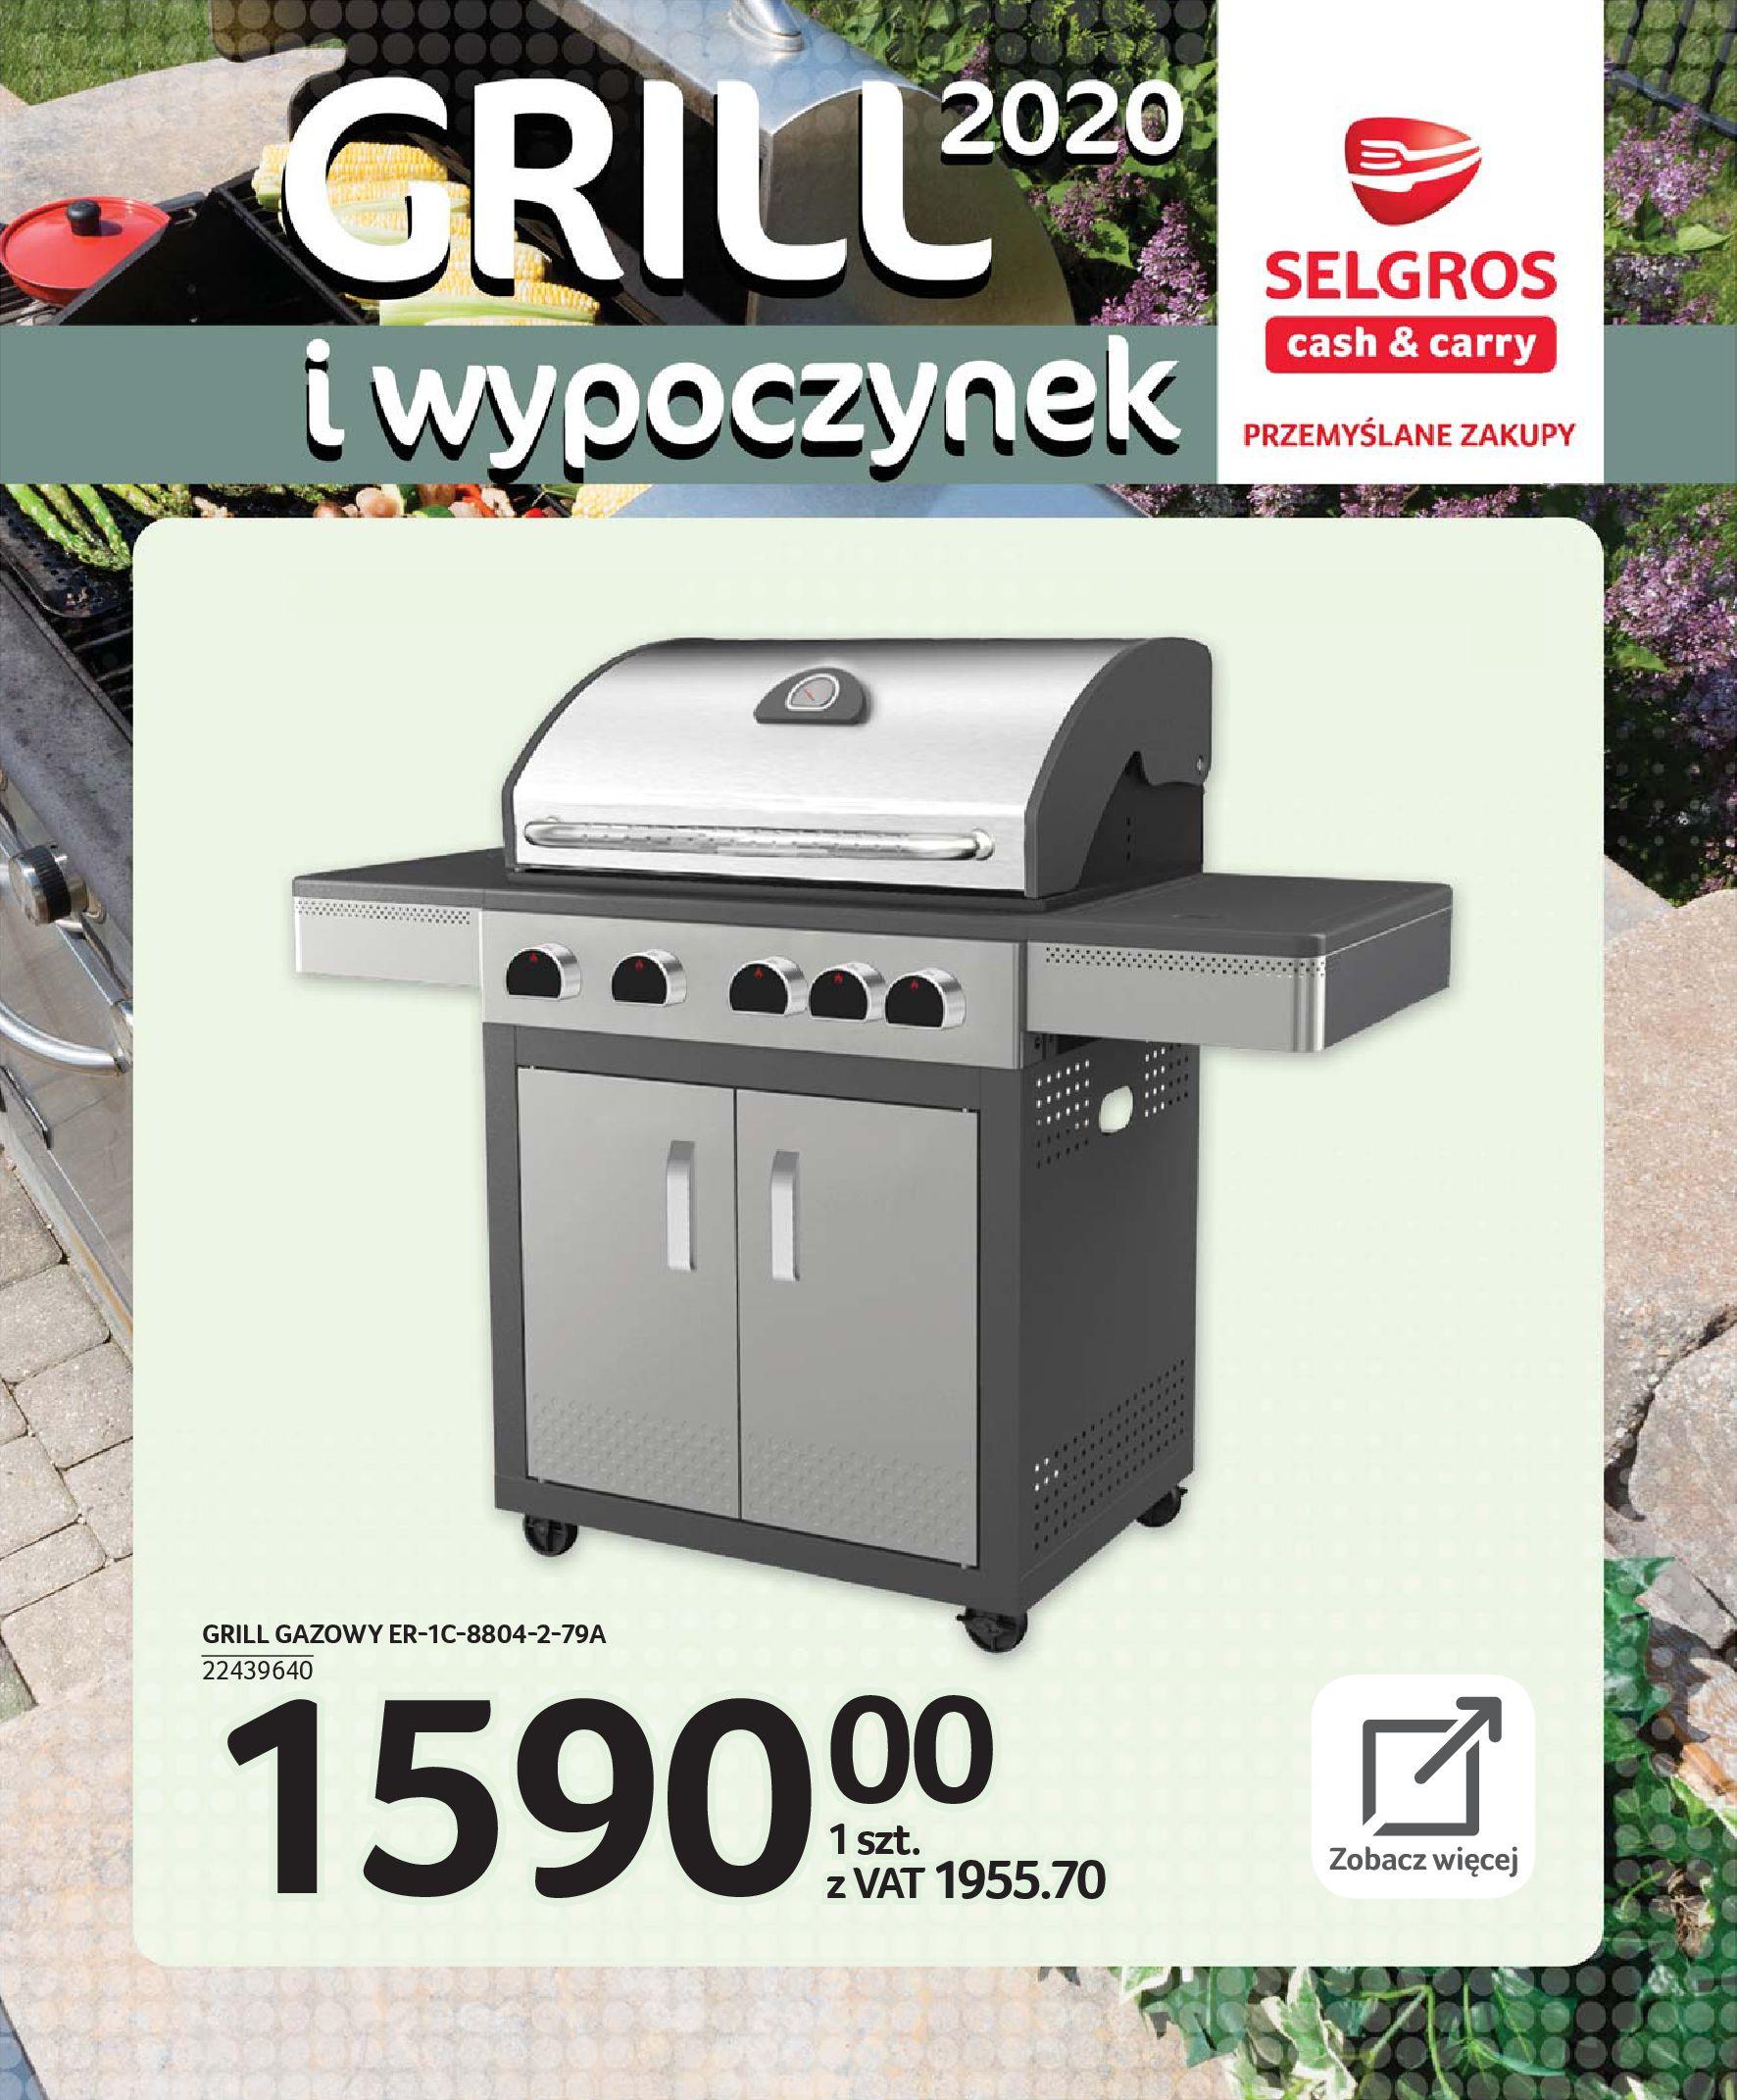 Gazetka Selgros - Katalog - Grill i wypoczynek-31.03.2020-31.08.2020-page-55